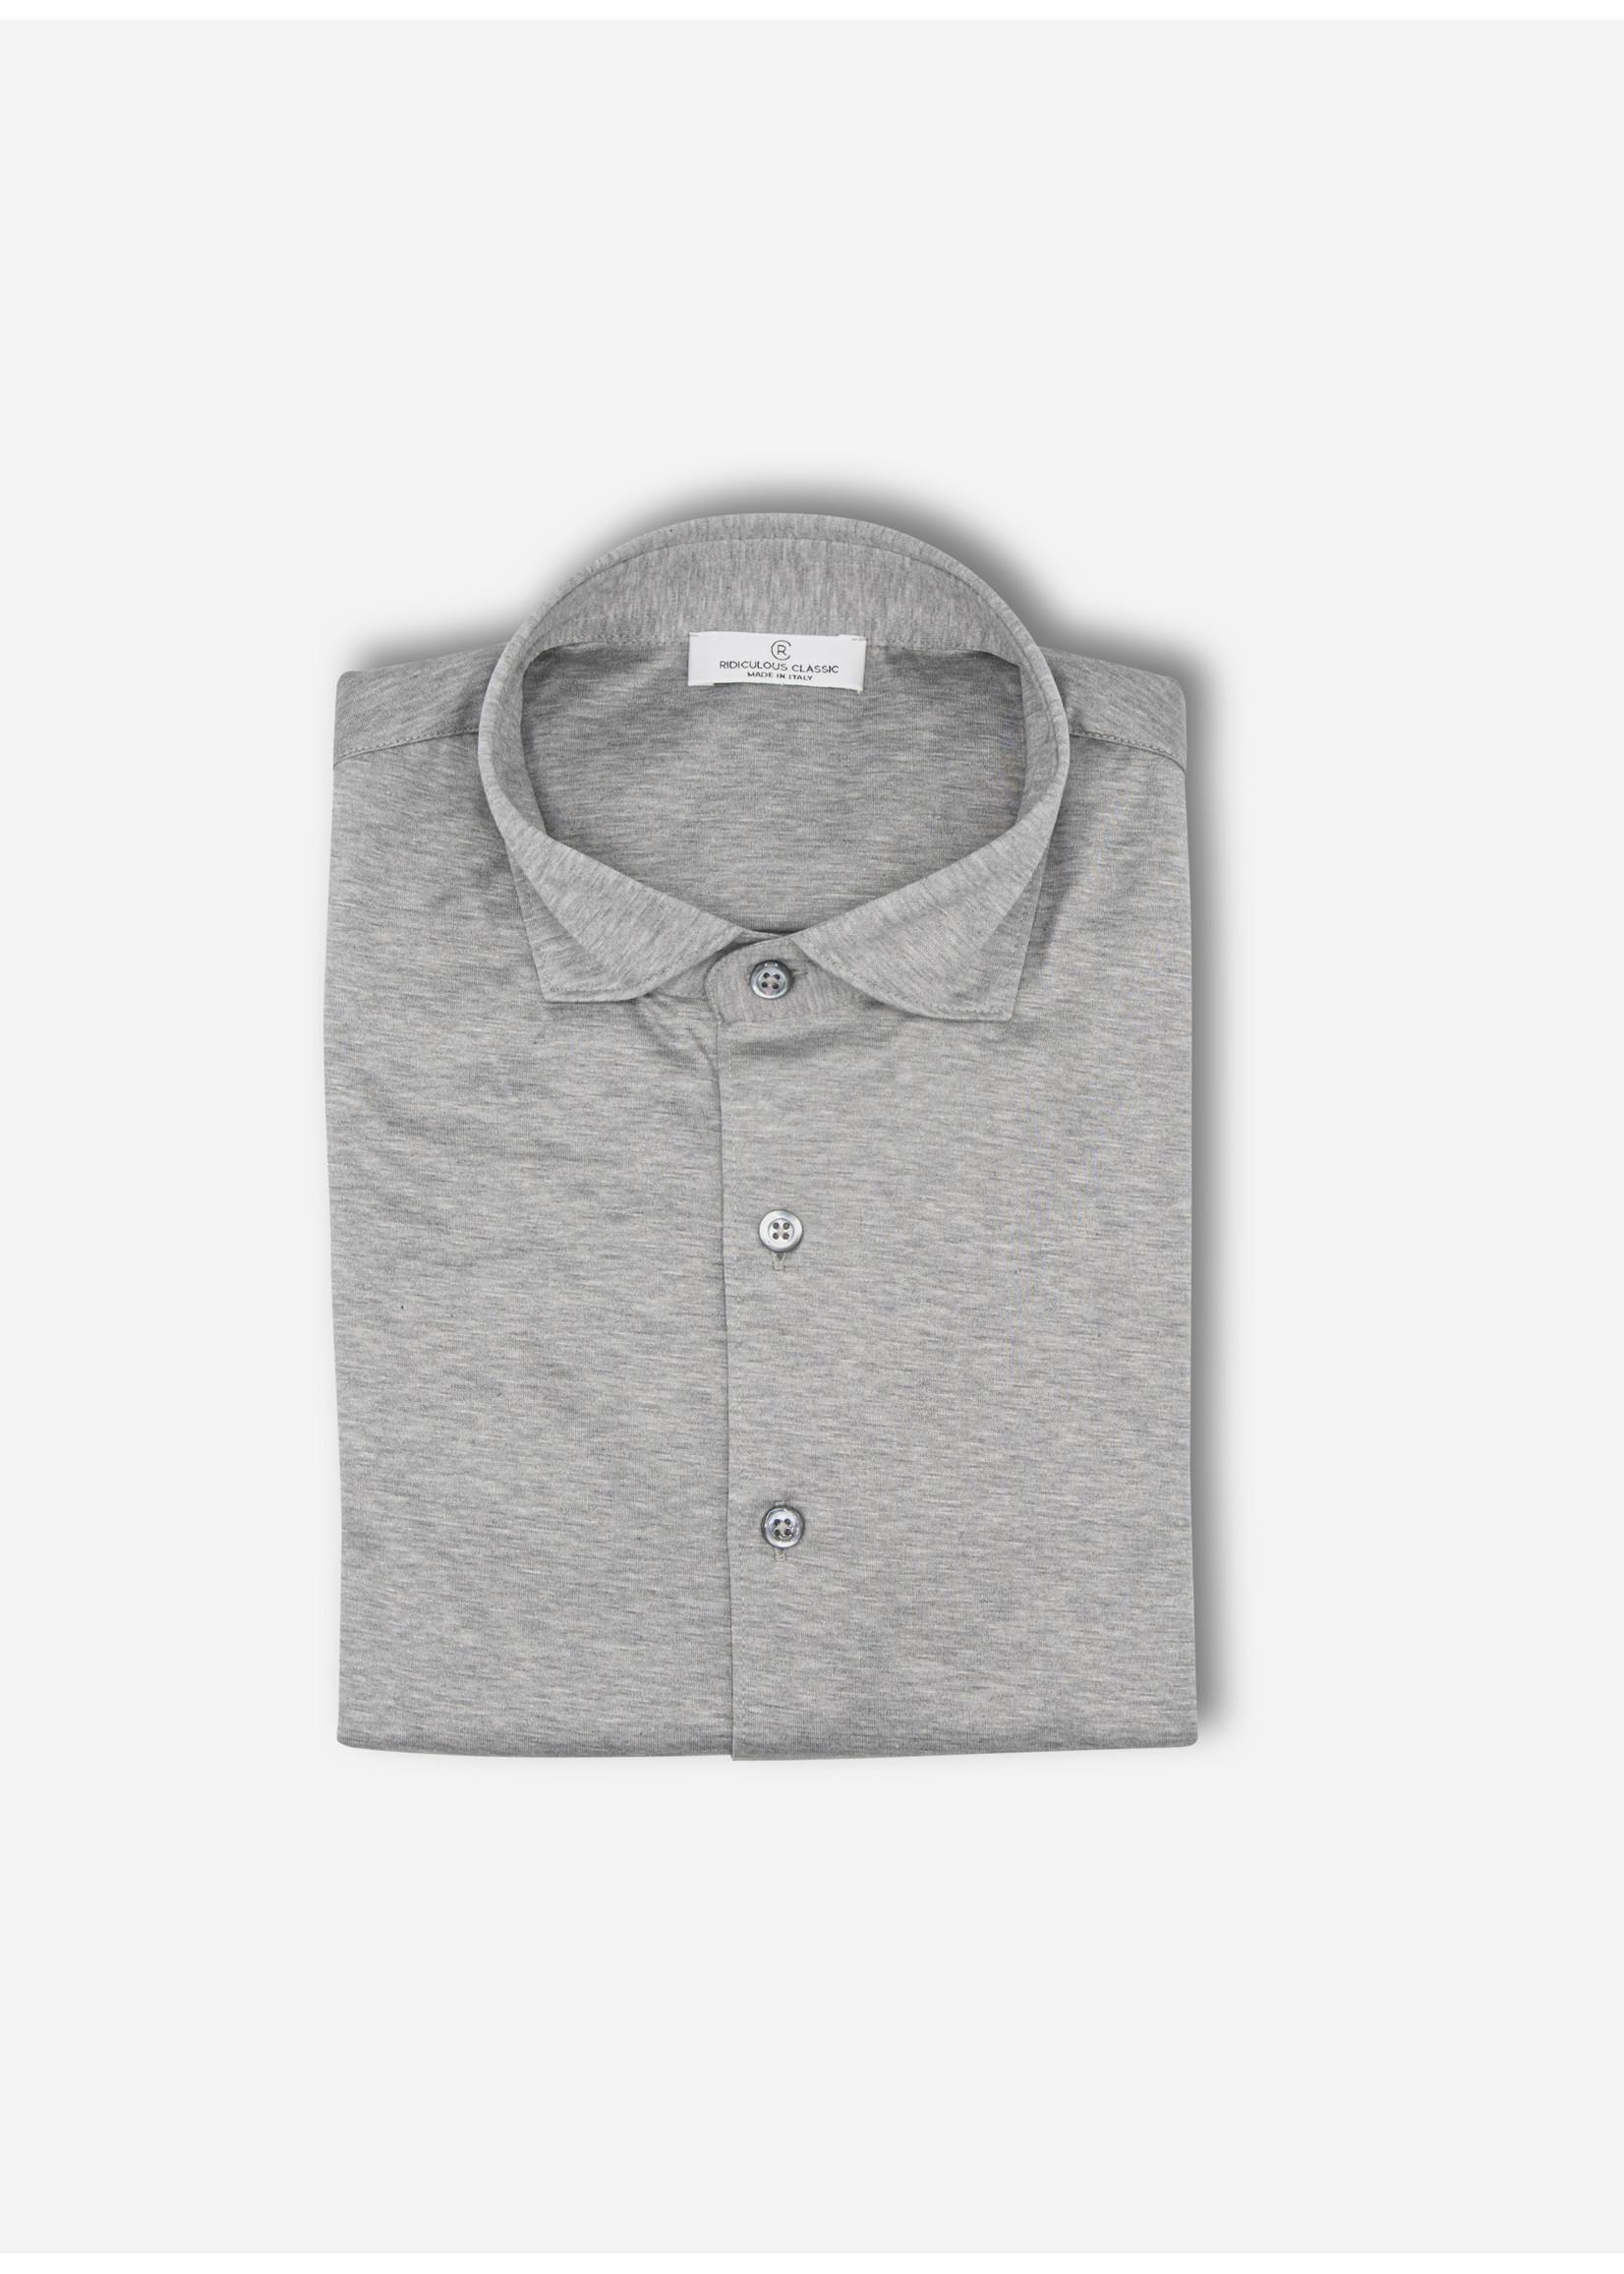 Ridiculous Classic Shirt grey